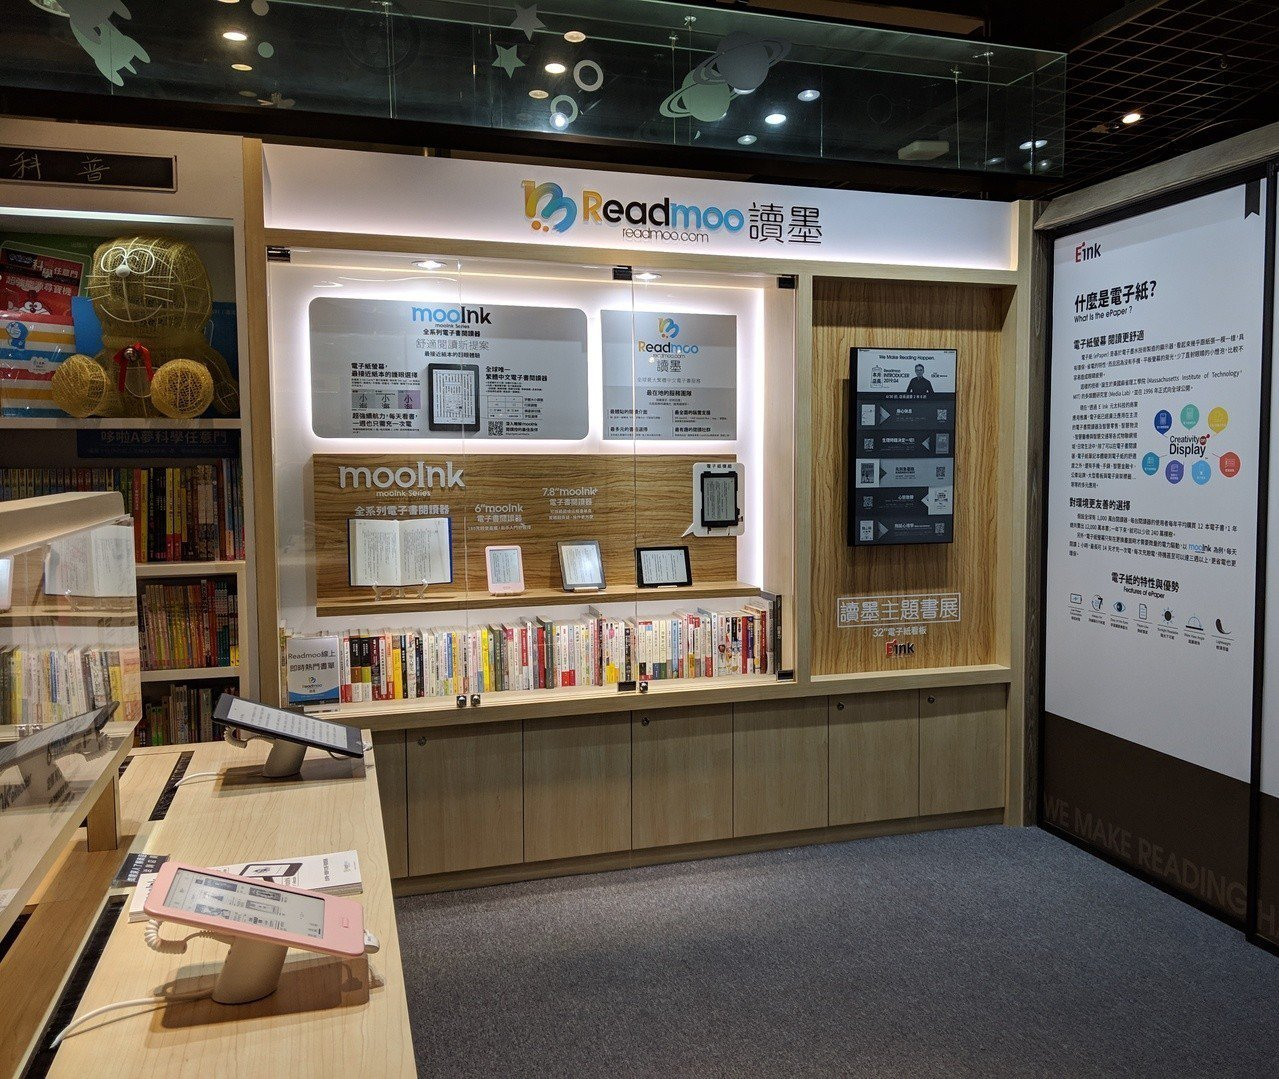 Readmoo讀墨電子書於三創7樓設概念店,除銷售電子書閱讀器,也特別設計了E ...